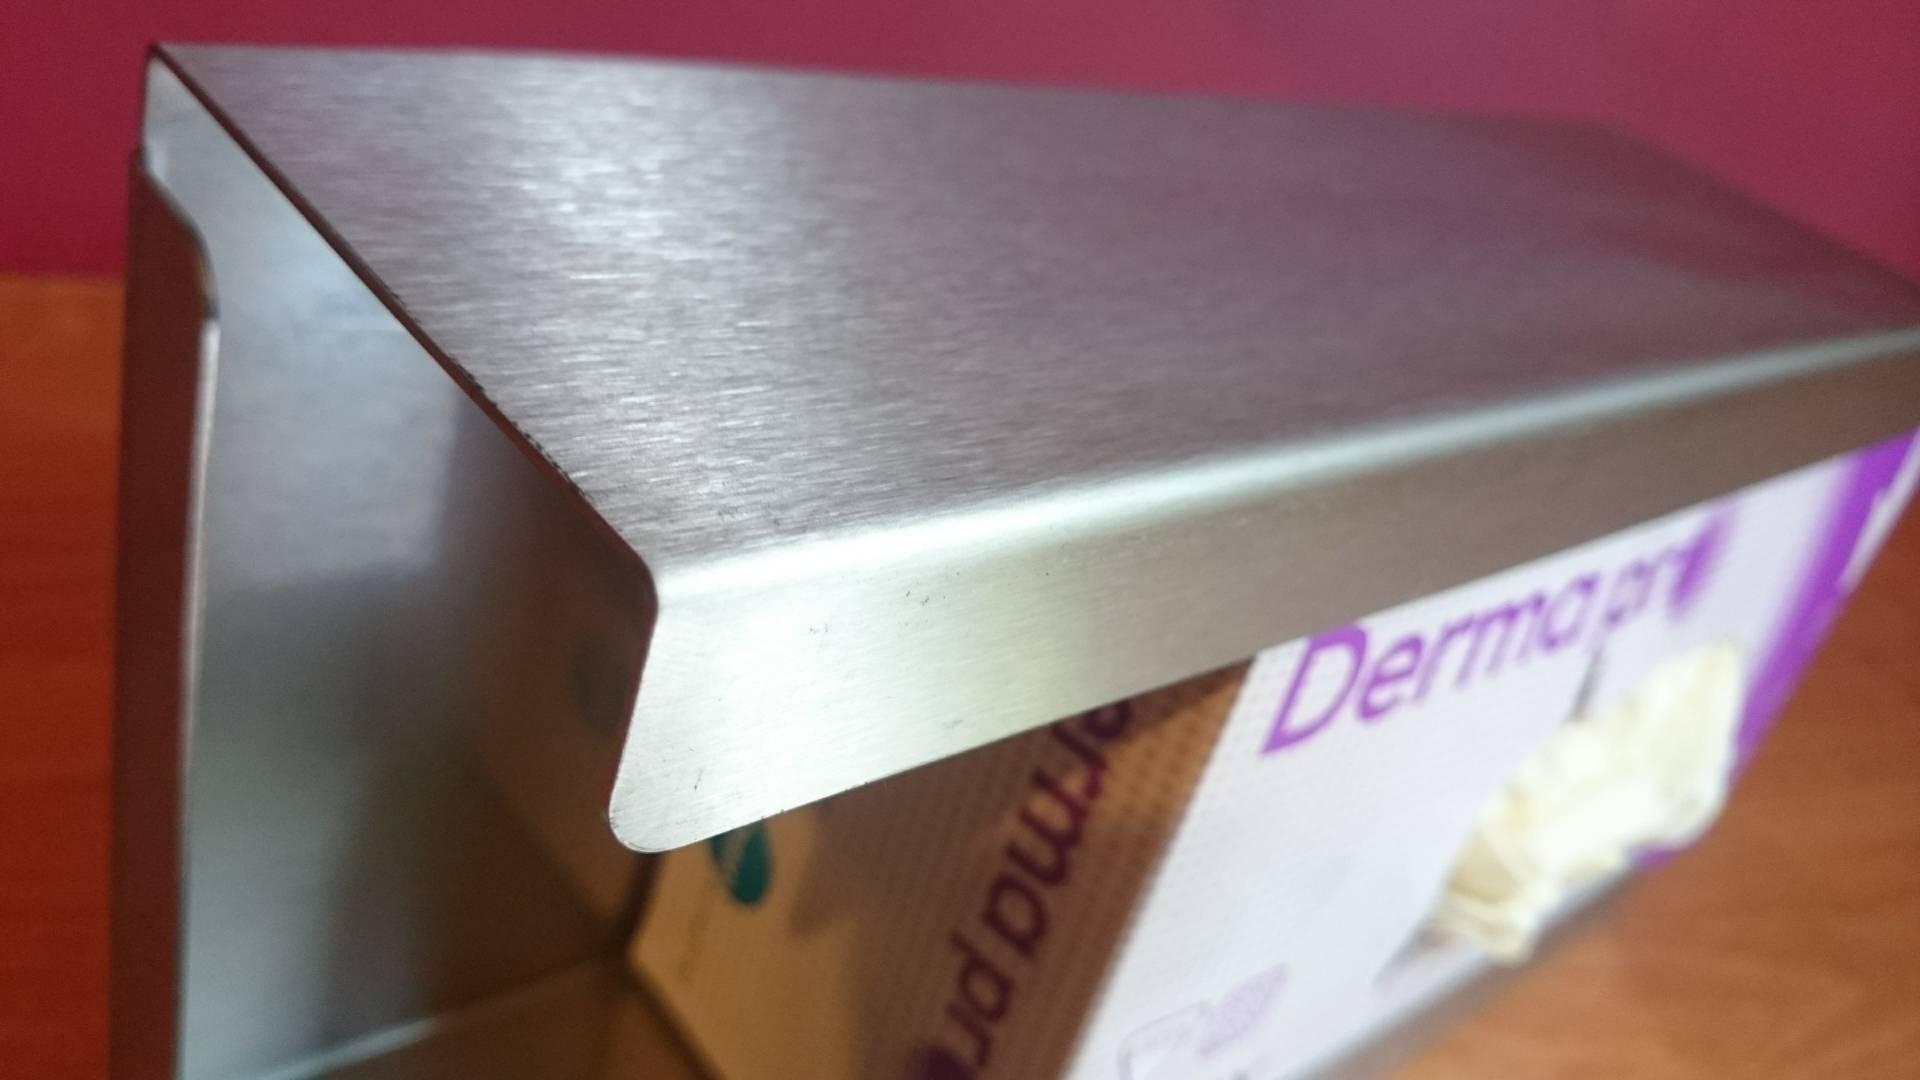 Podajnik (dozownik) na rękawice – pojedynczy INOX, gł. 7,5 cm, zag. 2